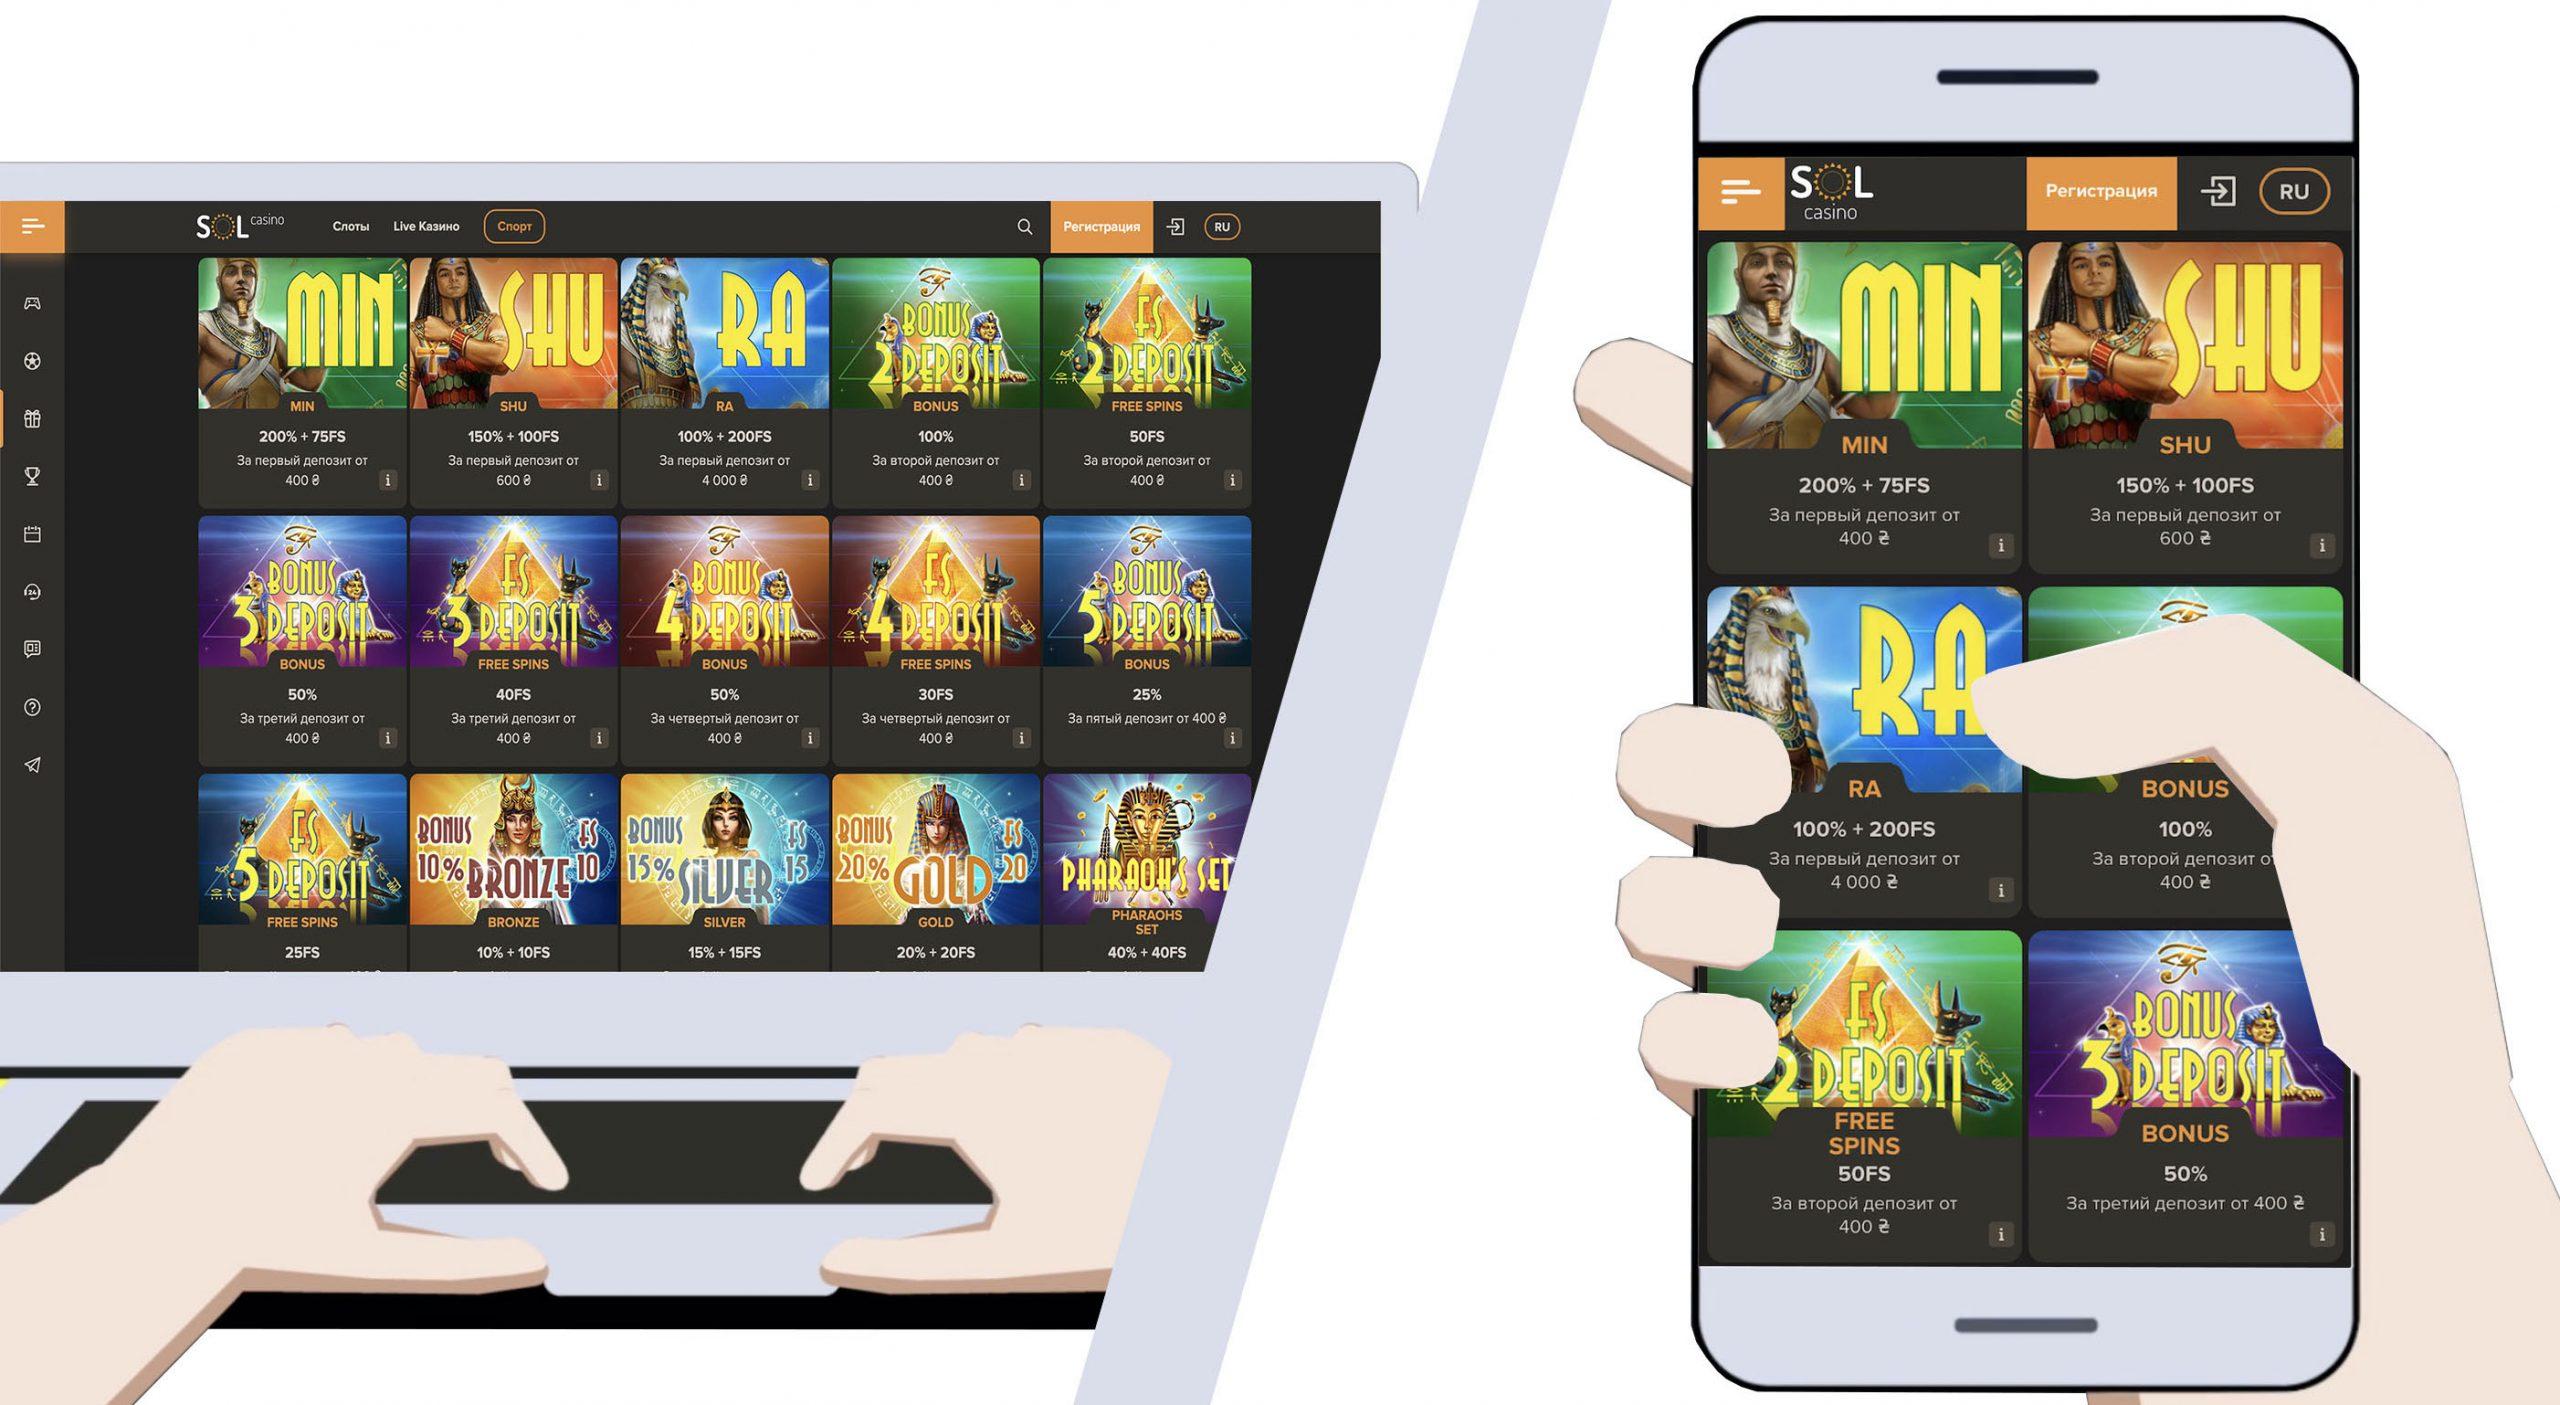 Бонусы от Sol Casino (Сол казино) бесплатно и на депозит